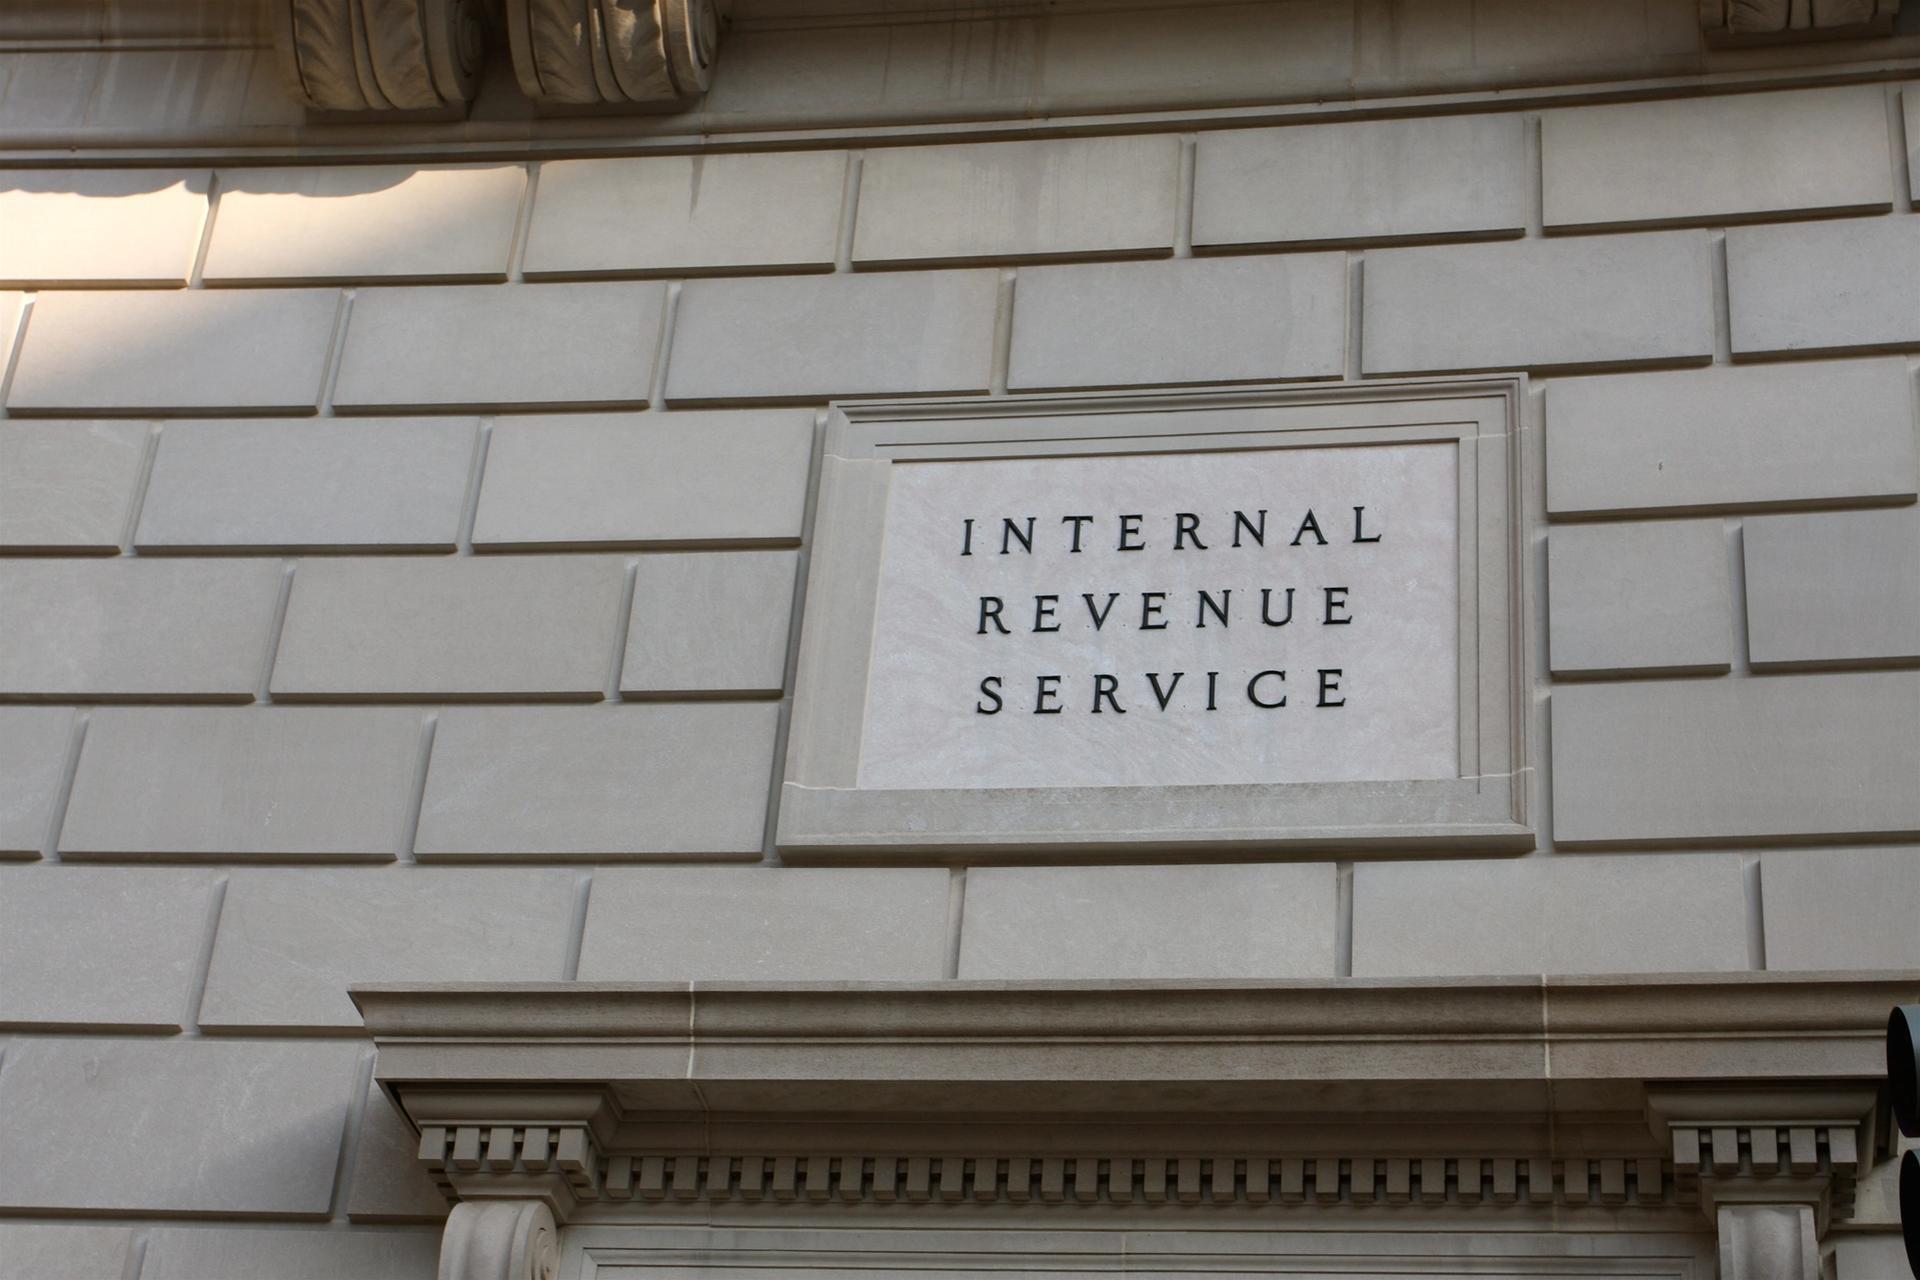 IRS Building, Washington, DC Photo: TravelingOtter on Flickr